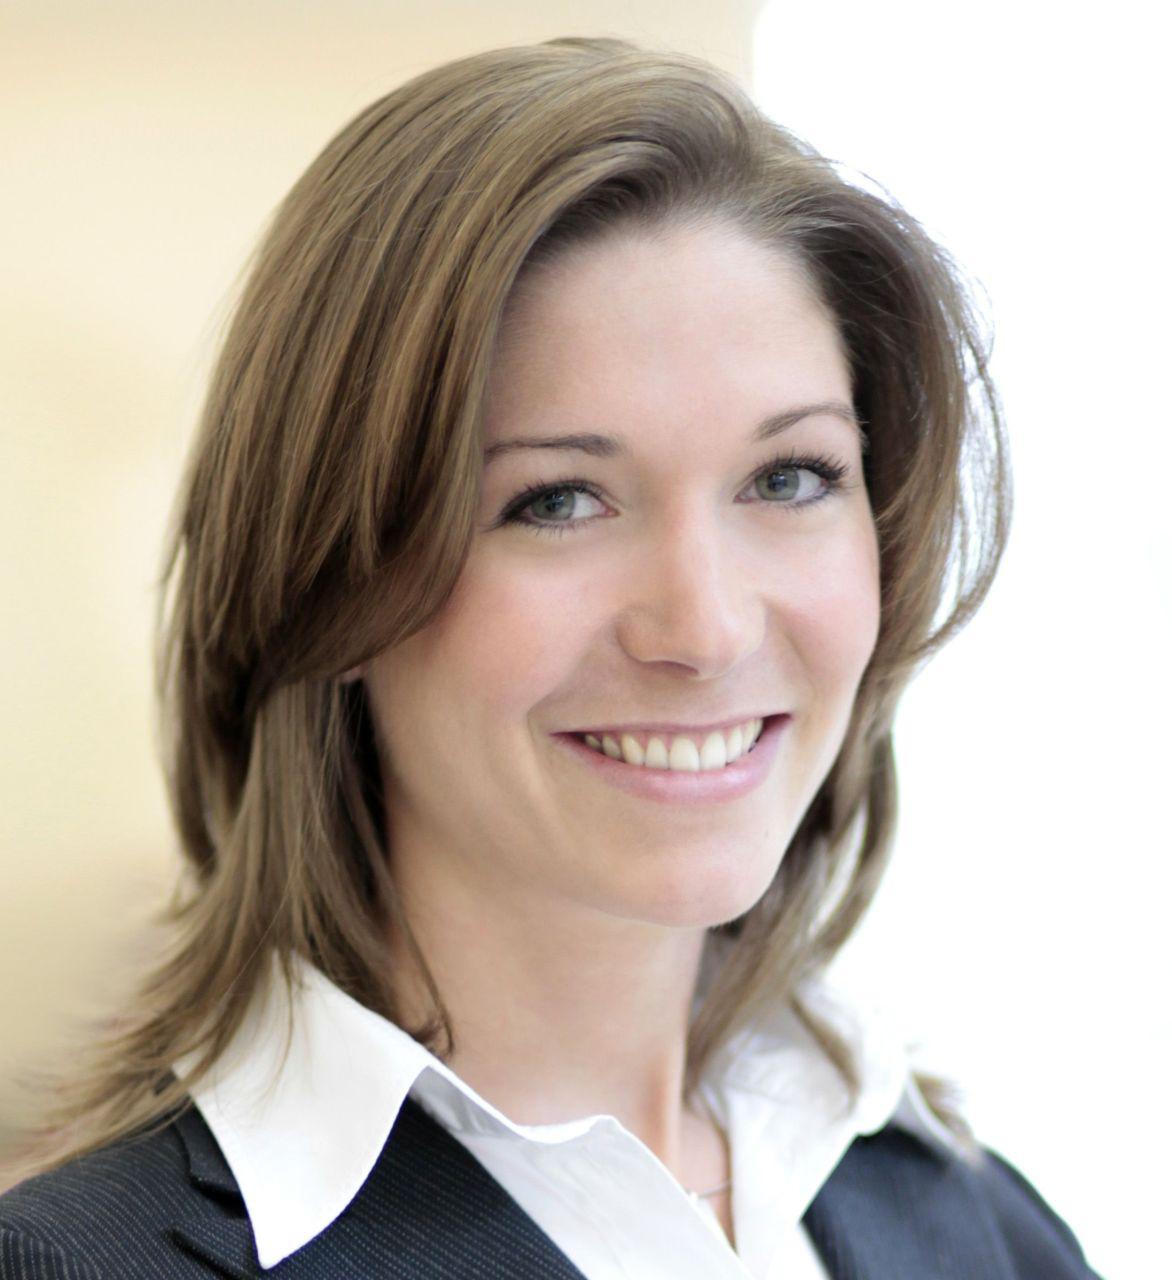 Lena-Sophie Müller 1